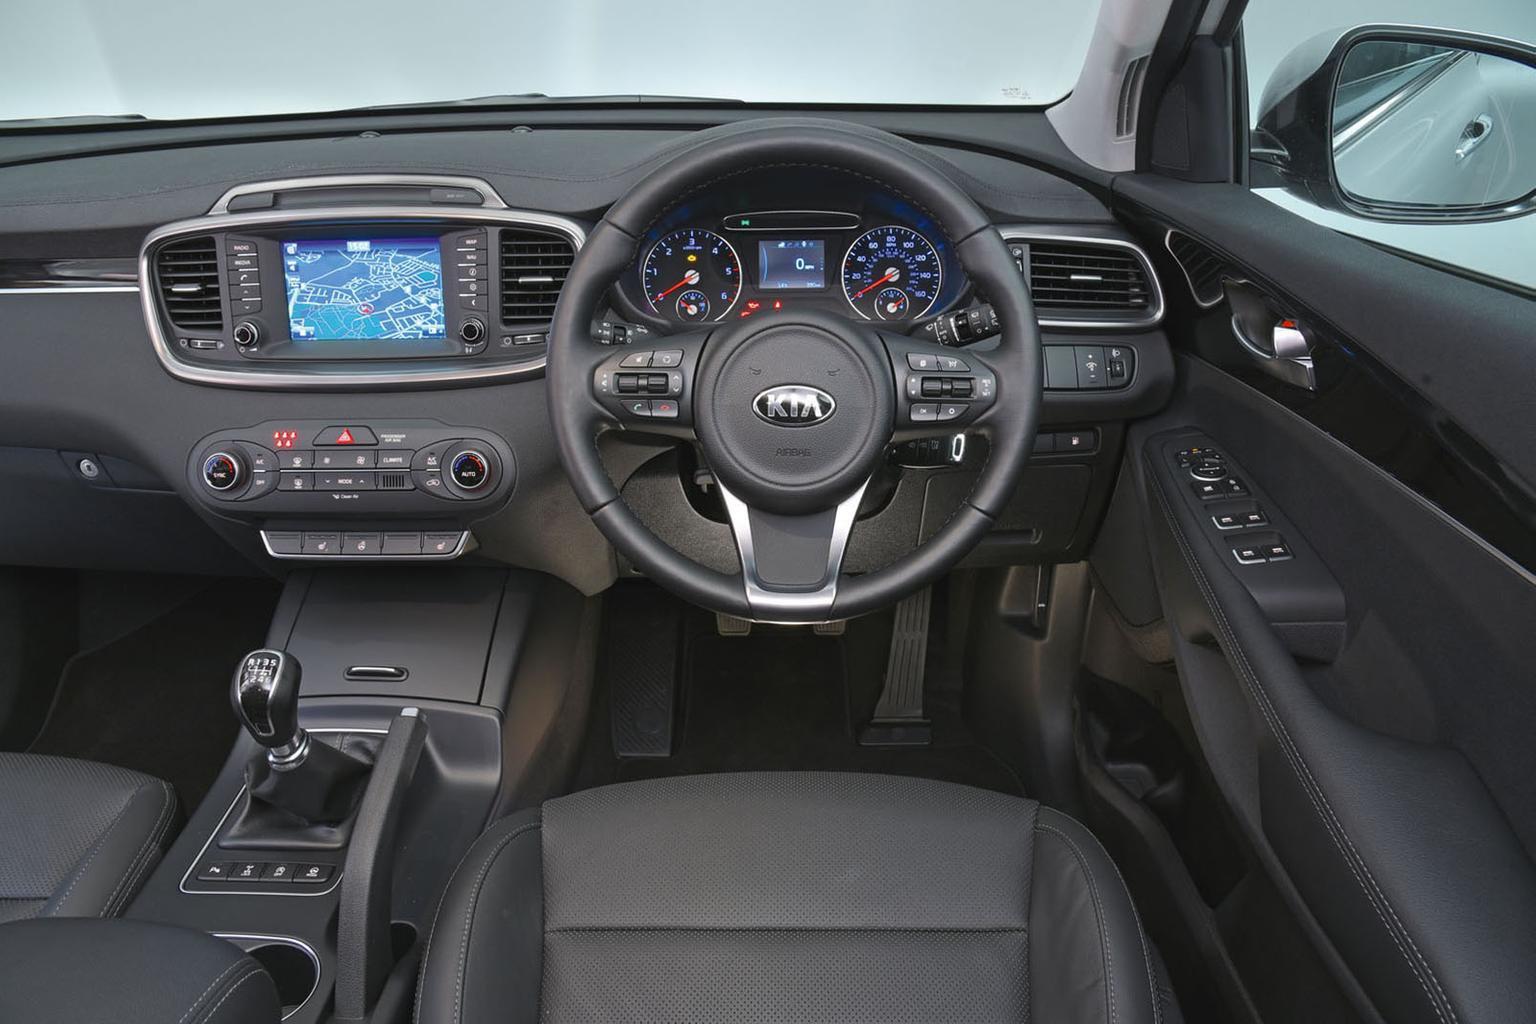 New Skoda Kodiaq vs Kia Sorento vs Mazda CX-5